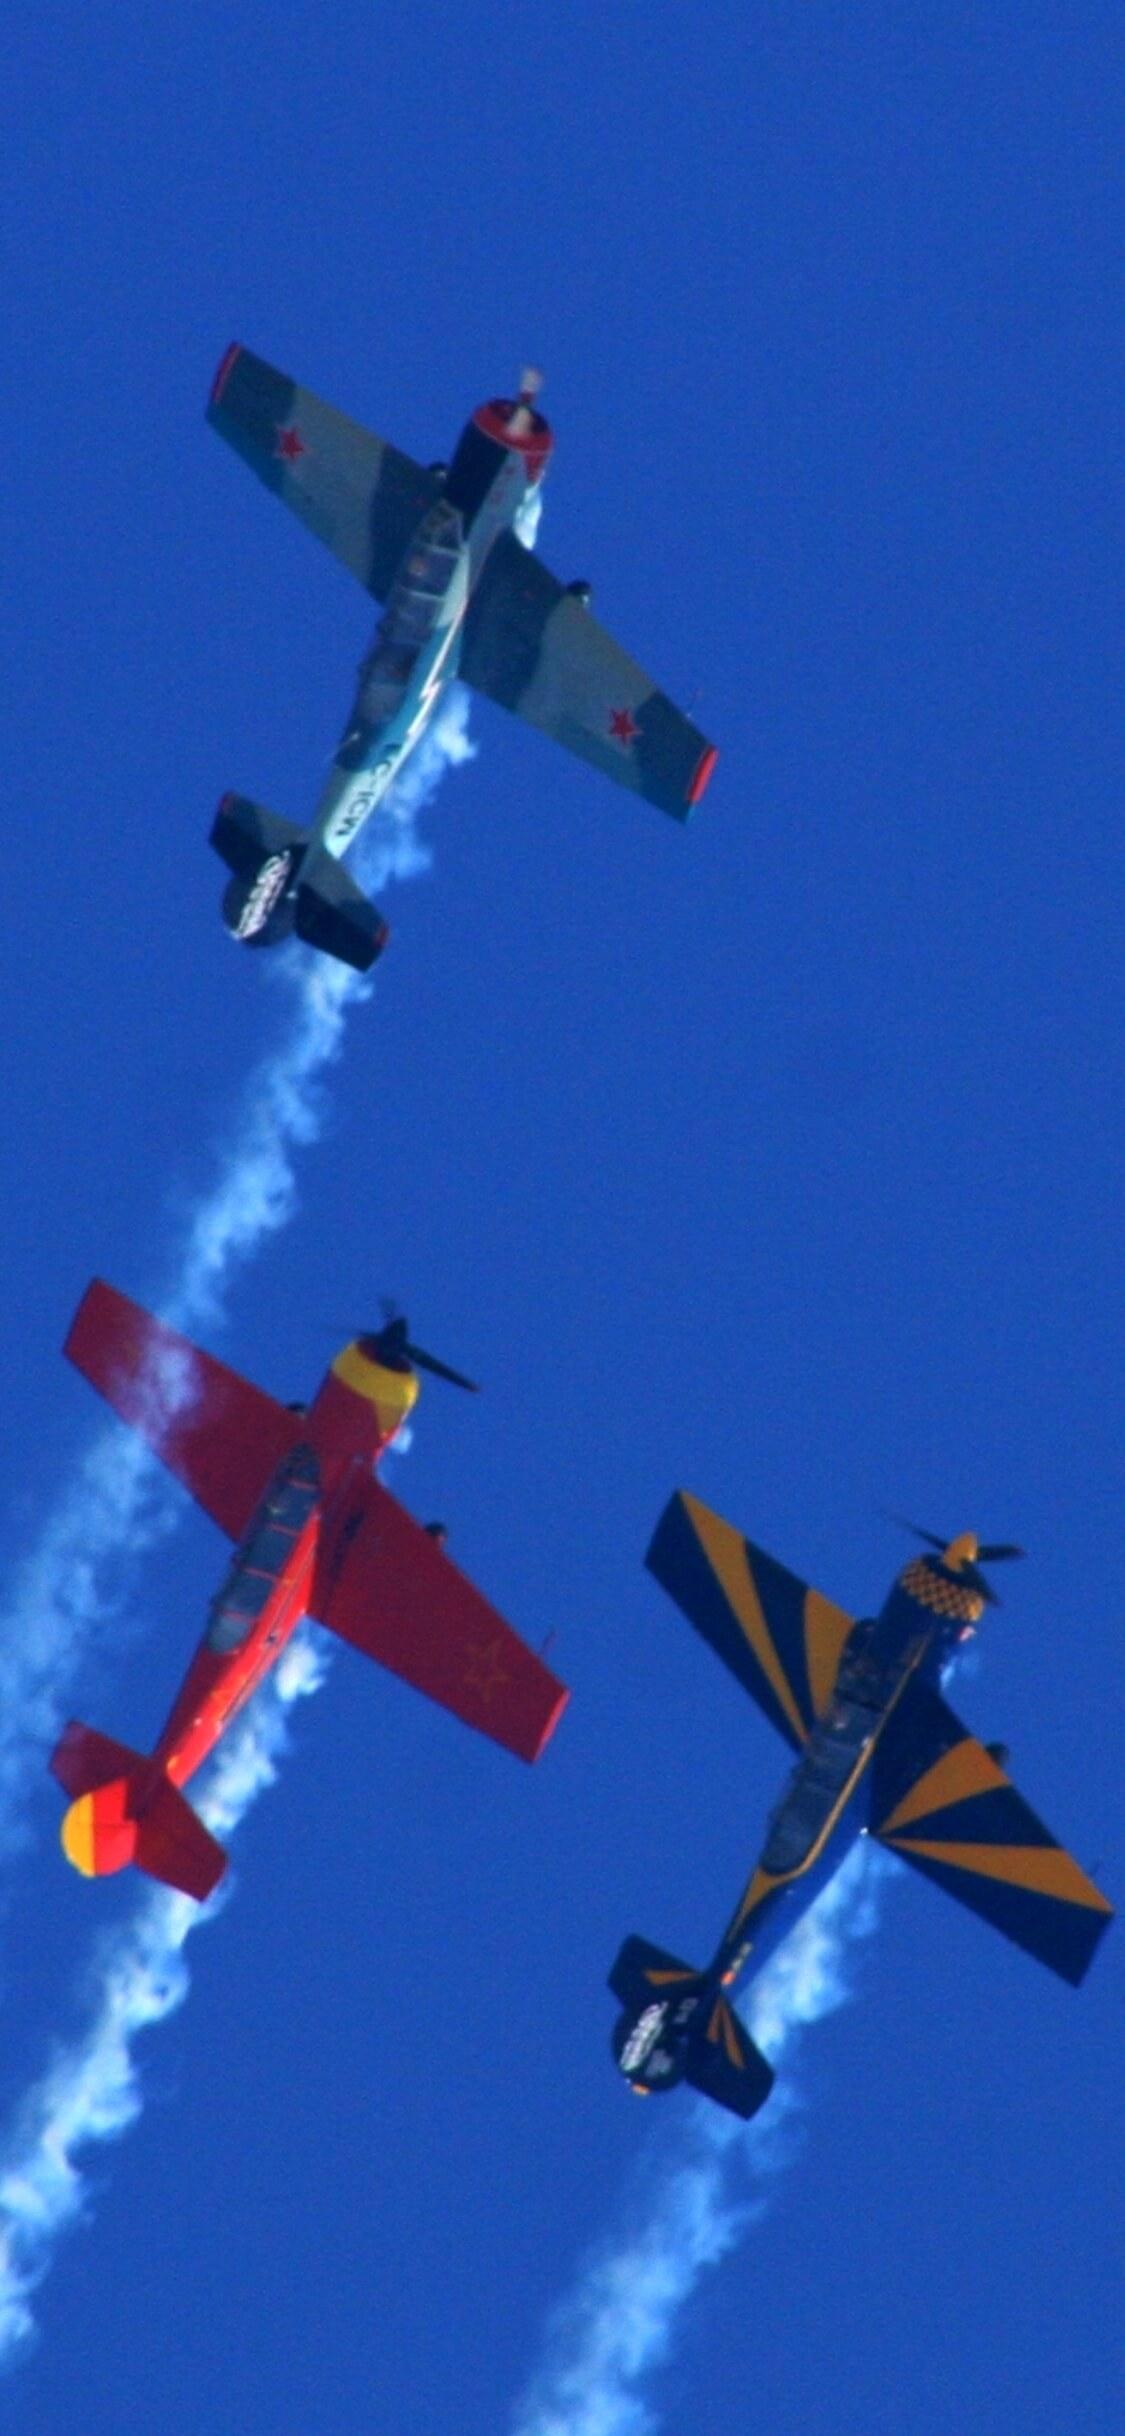 空を飛ぶプロペラ機1